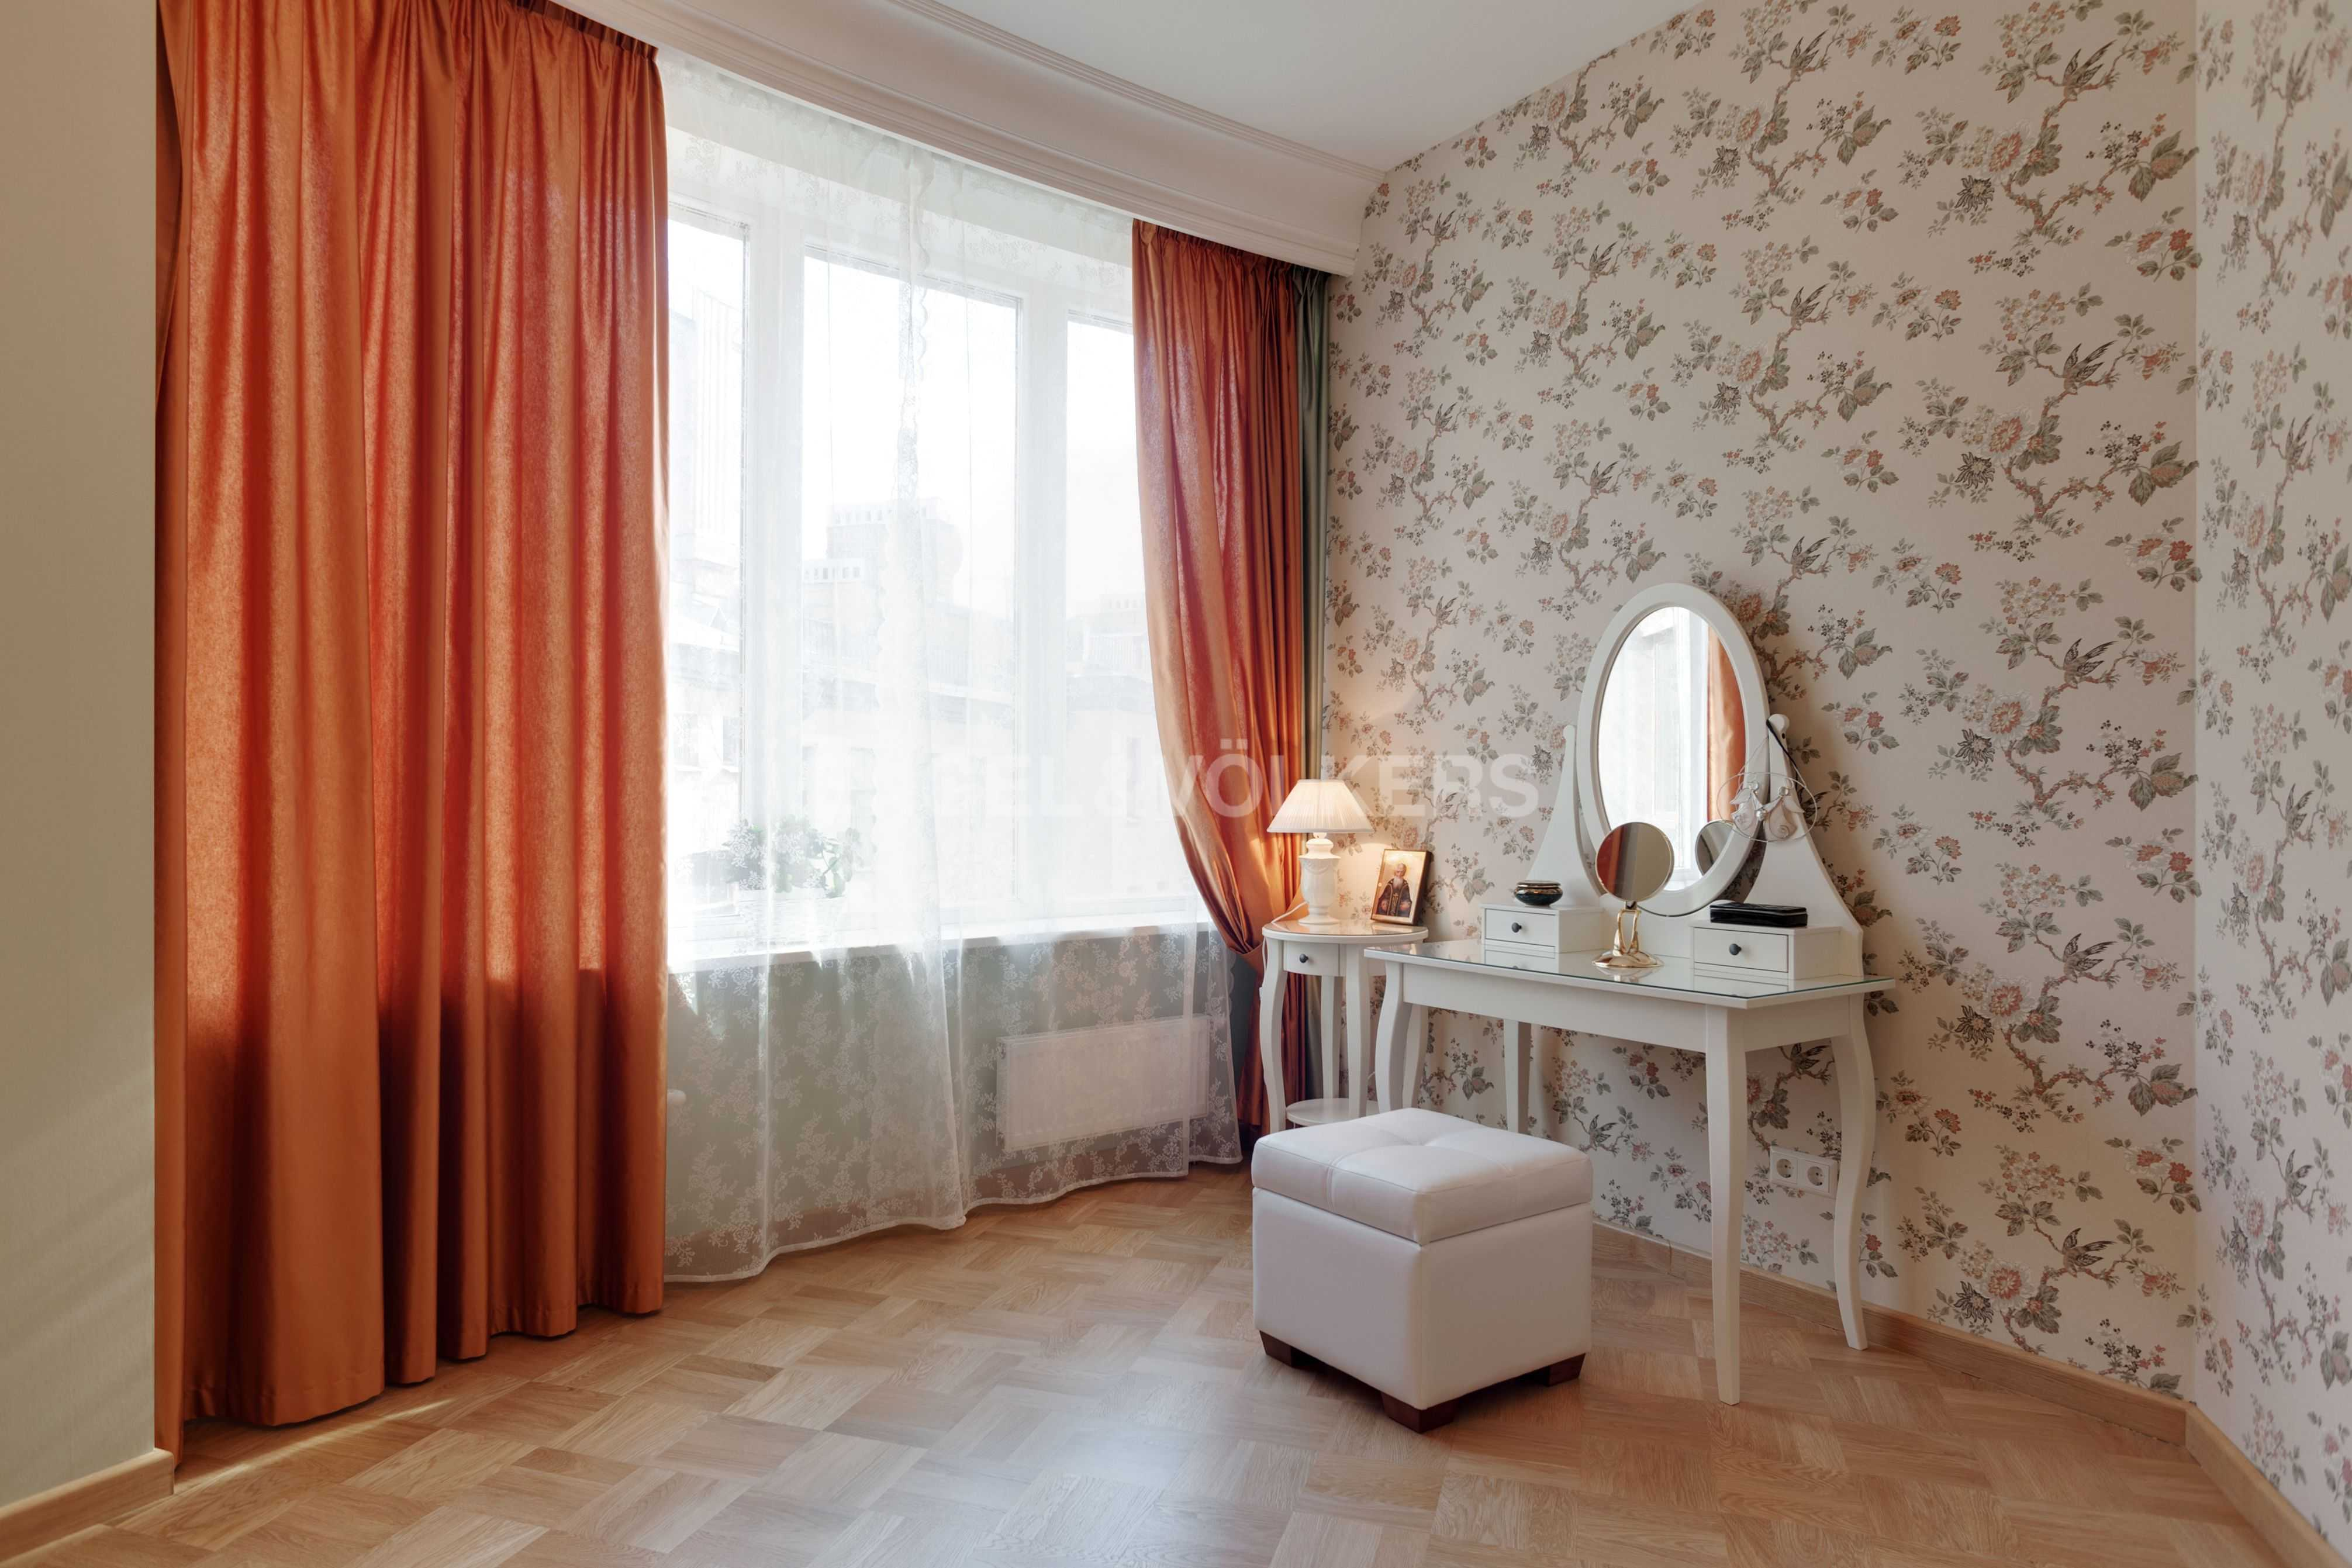 Элитные квартиры в Центральном районе. Санкт-Петербург, Тверская ул., 1A . Спальня